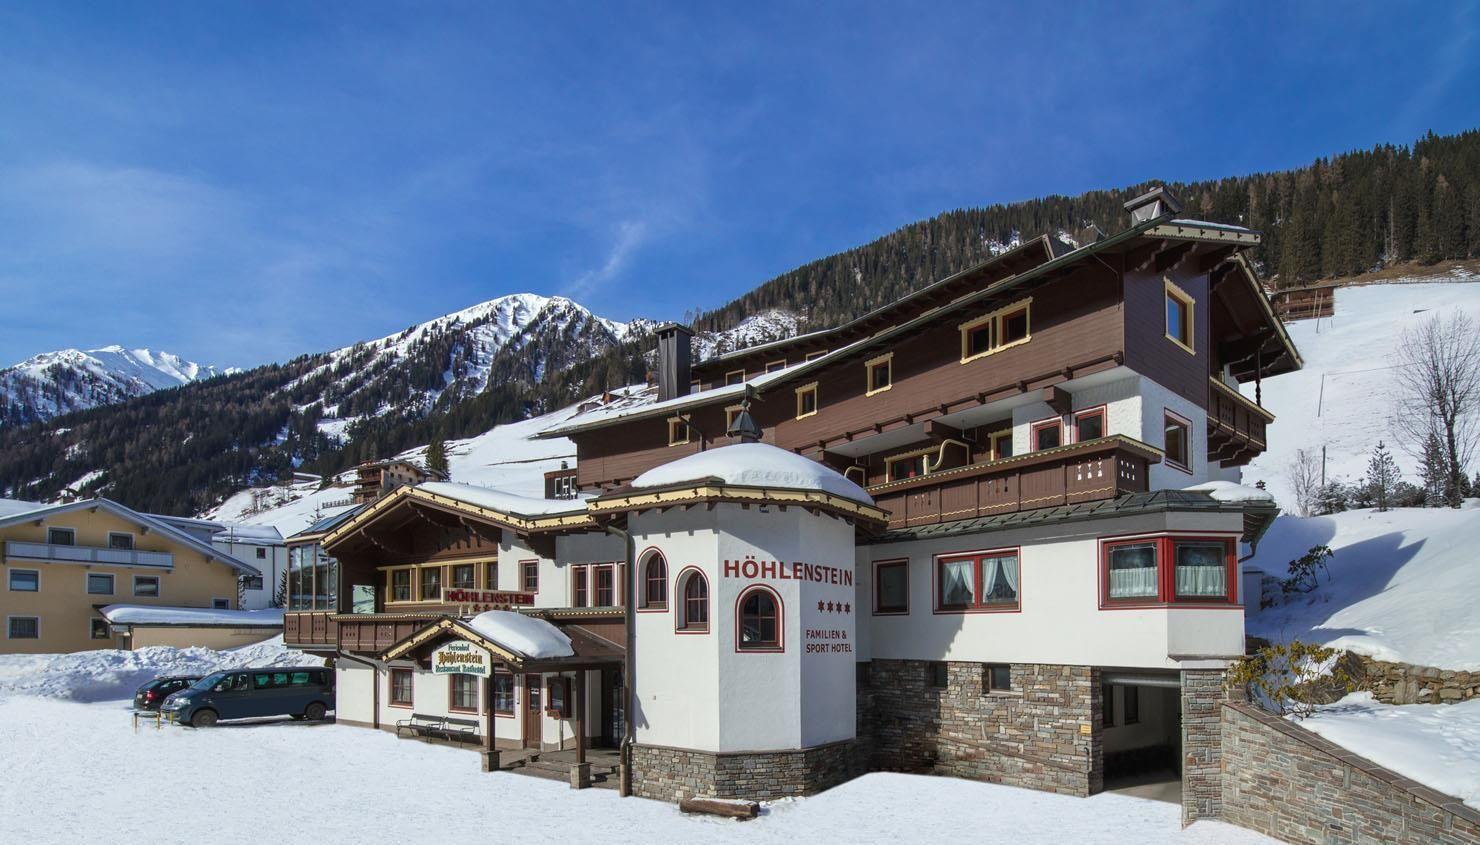 Meer info over Hotel Höhlenstein  bij Wintertrex